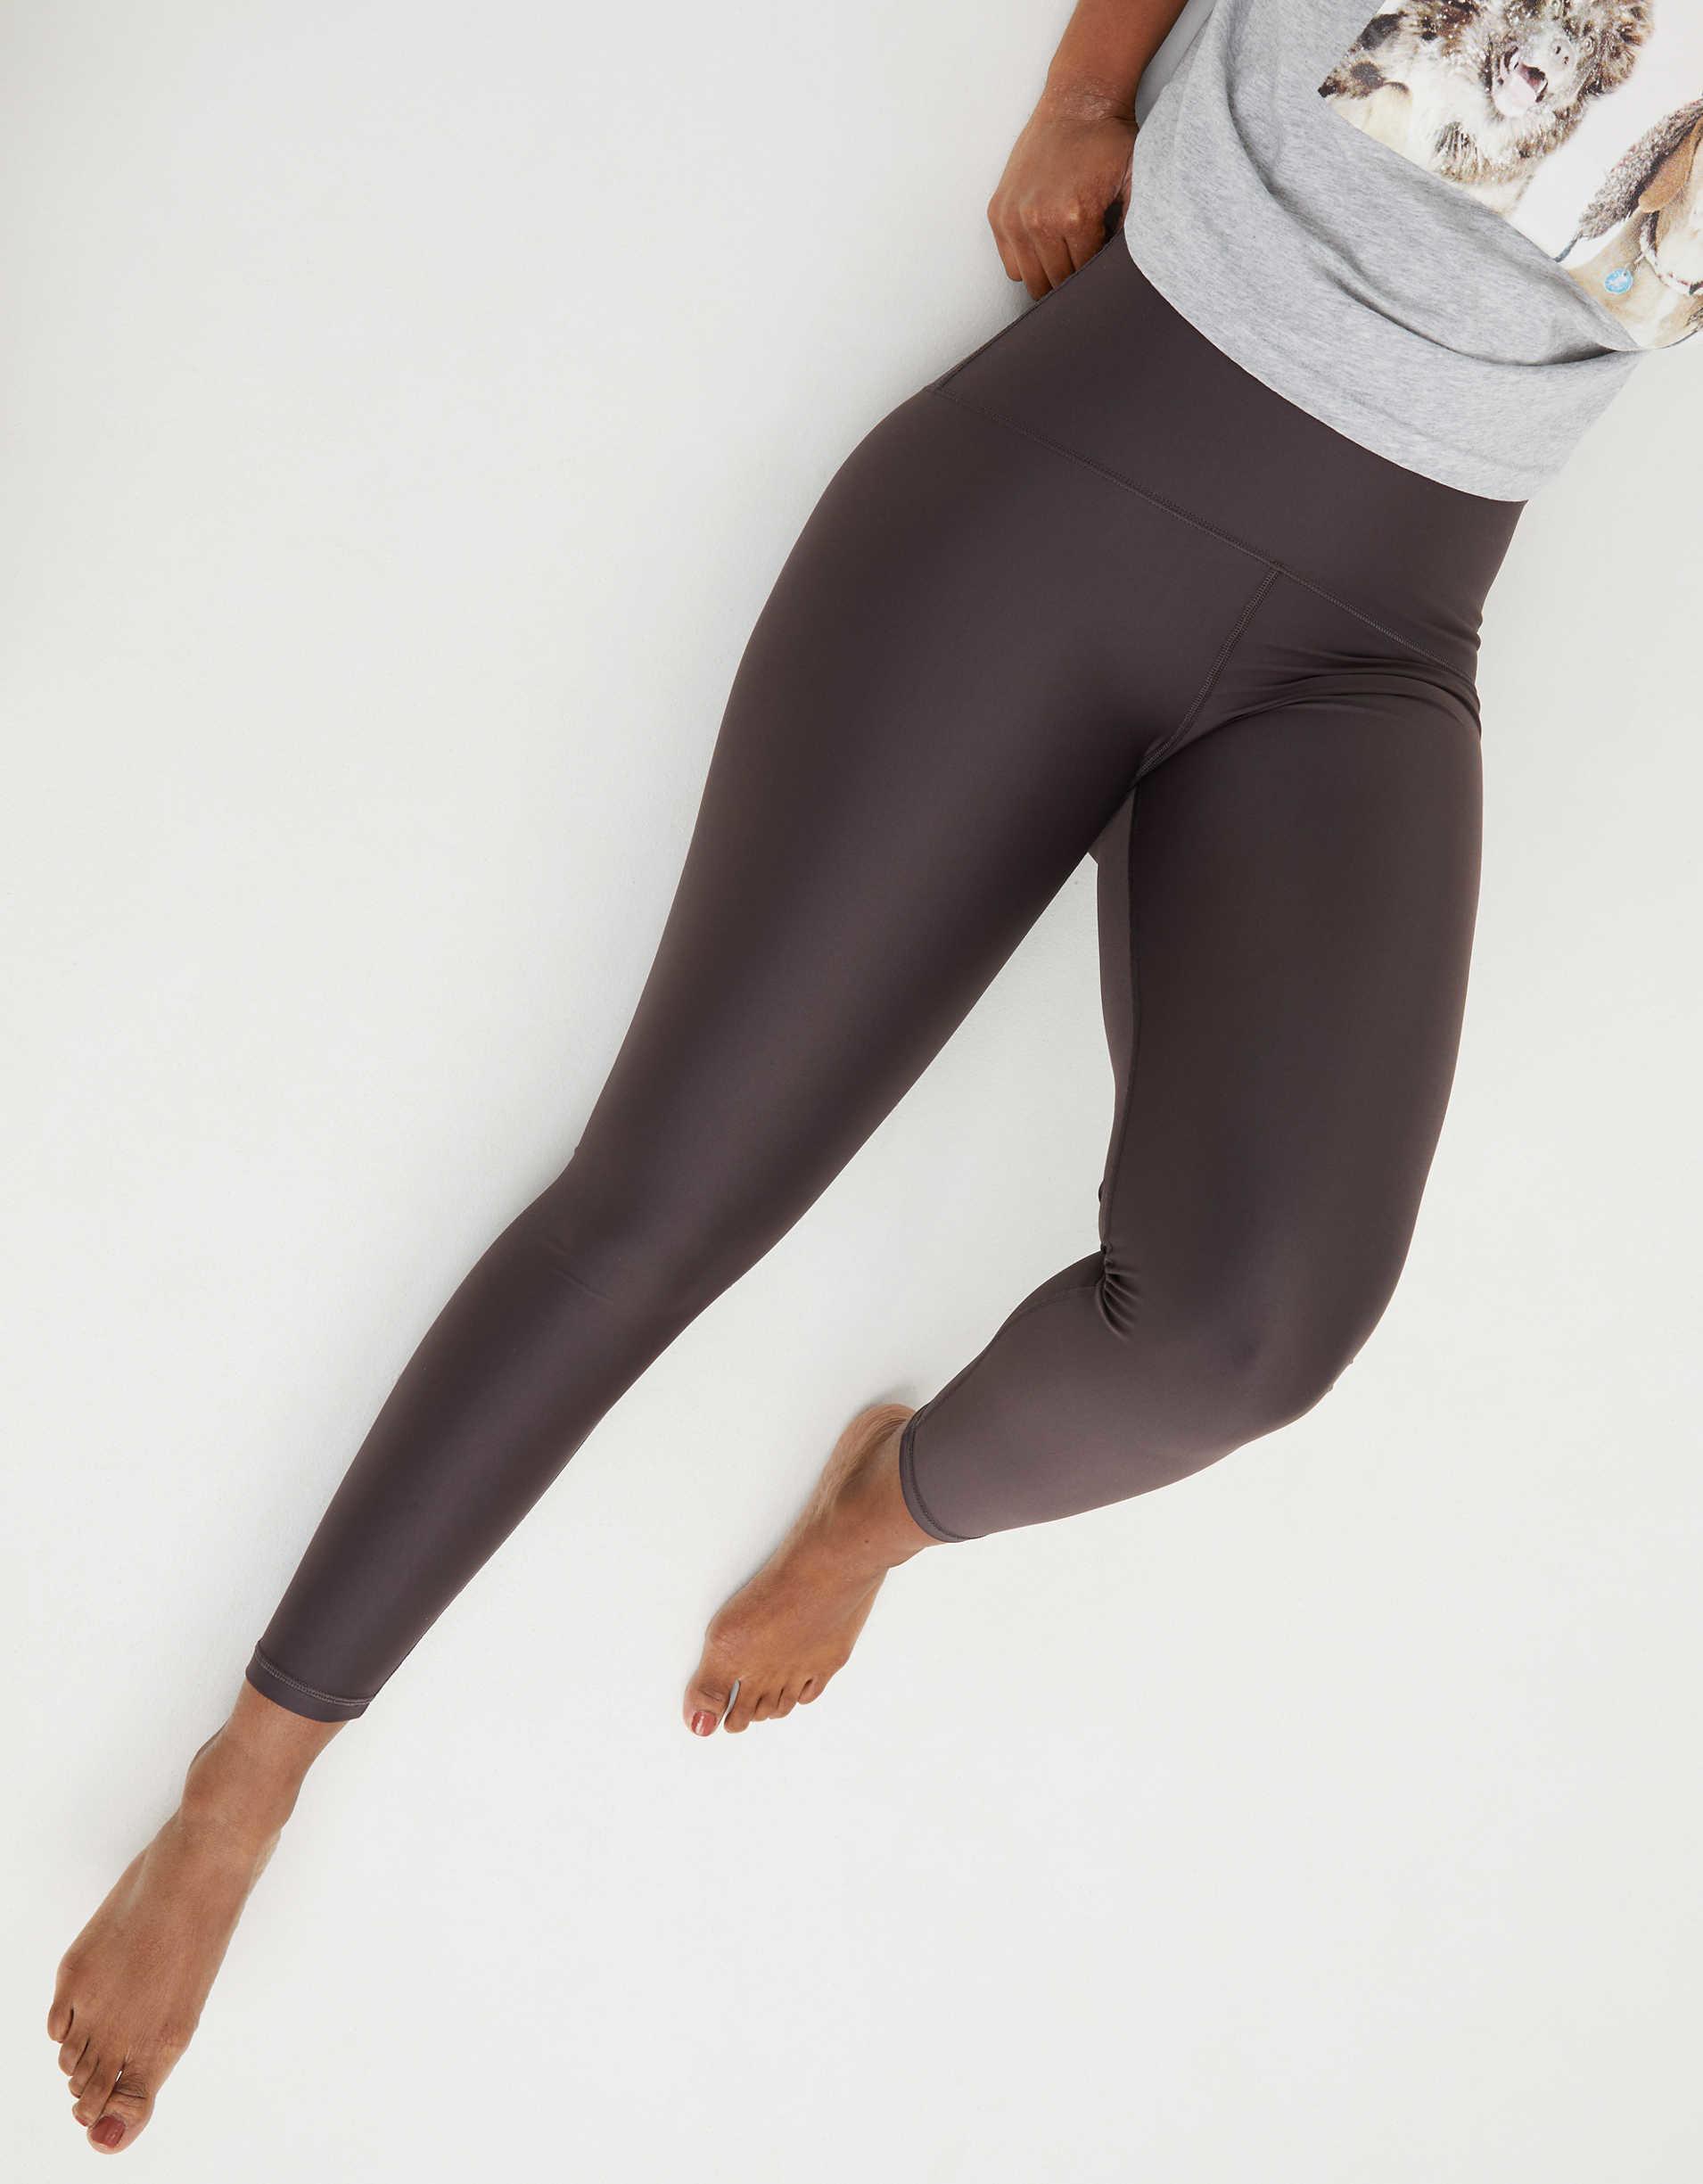 The full-length high waisted leggings in grey